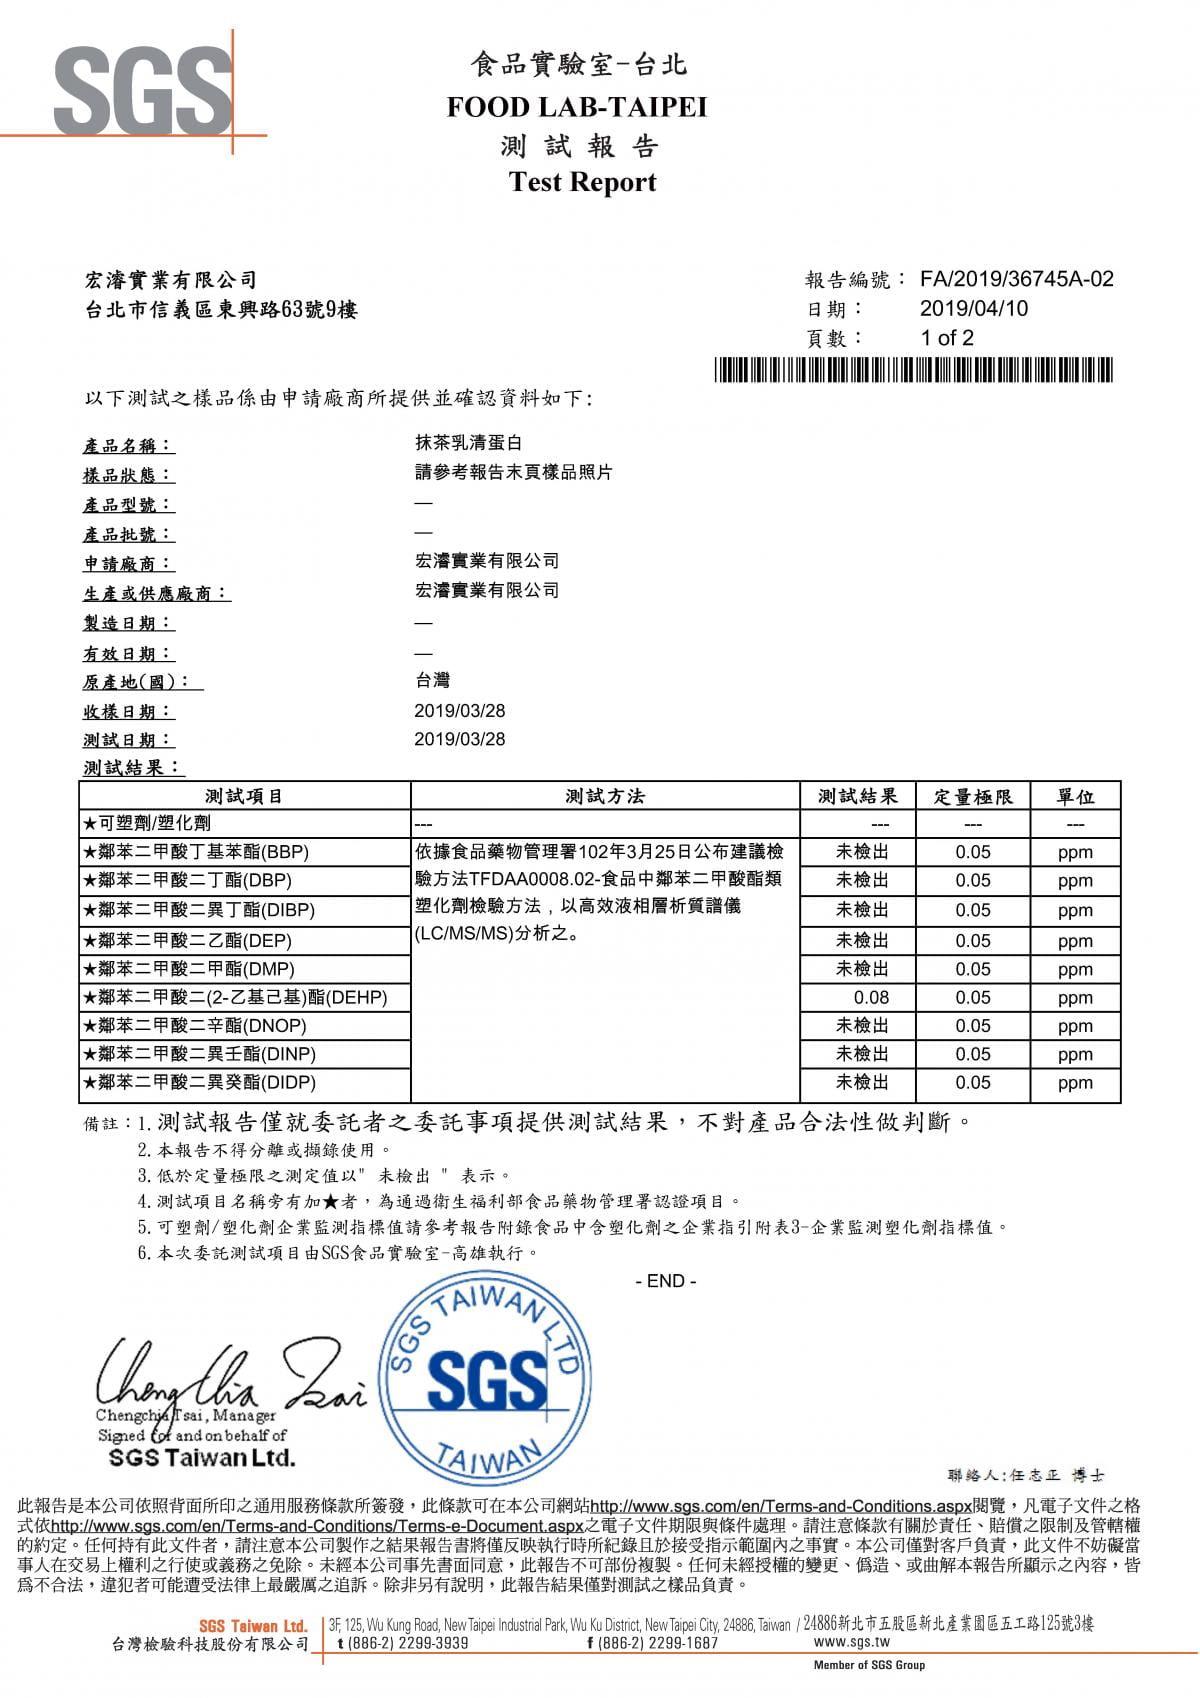 【Bioplus】濃縮乳清蛋白(抹茶)-1Kg健身包 高蛋白 低脂 WPC 8